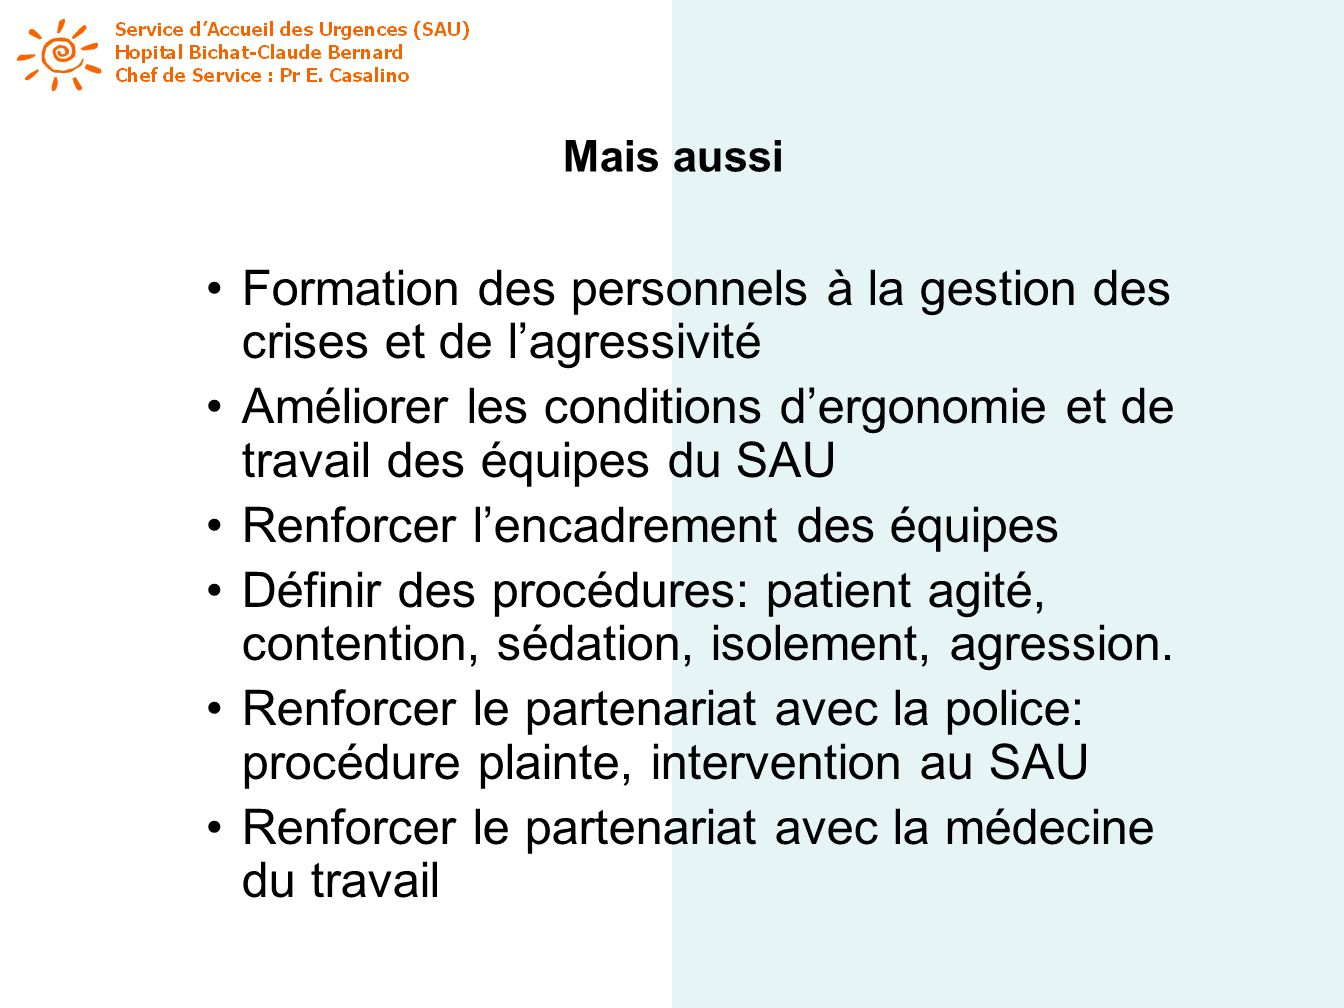 Formation des personnels à la gestion des crises et de l'agressivité